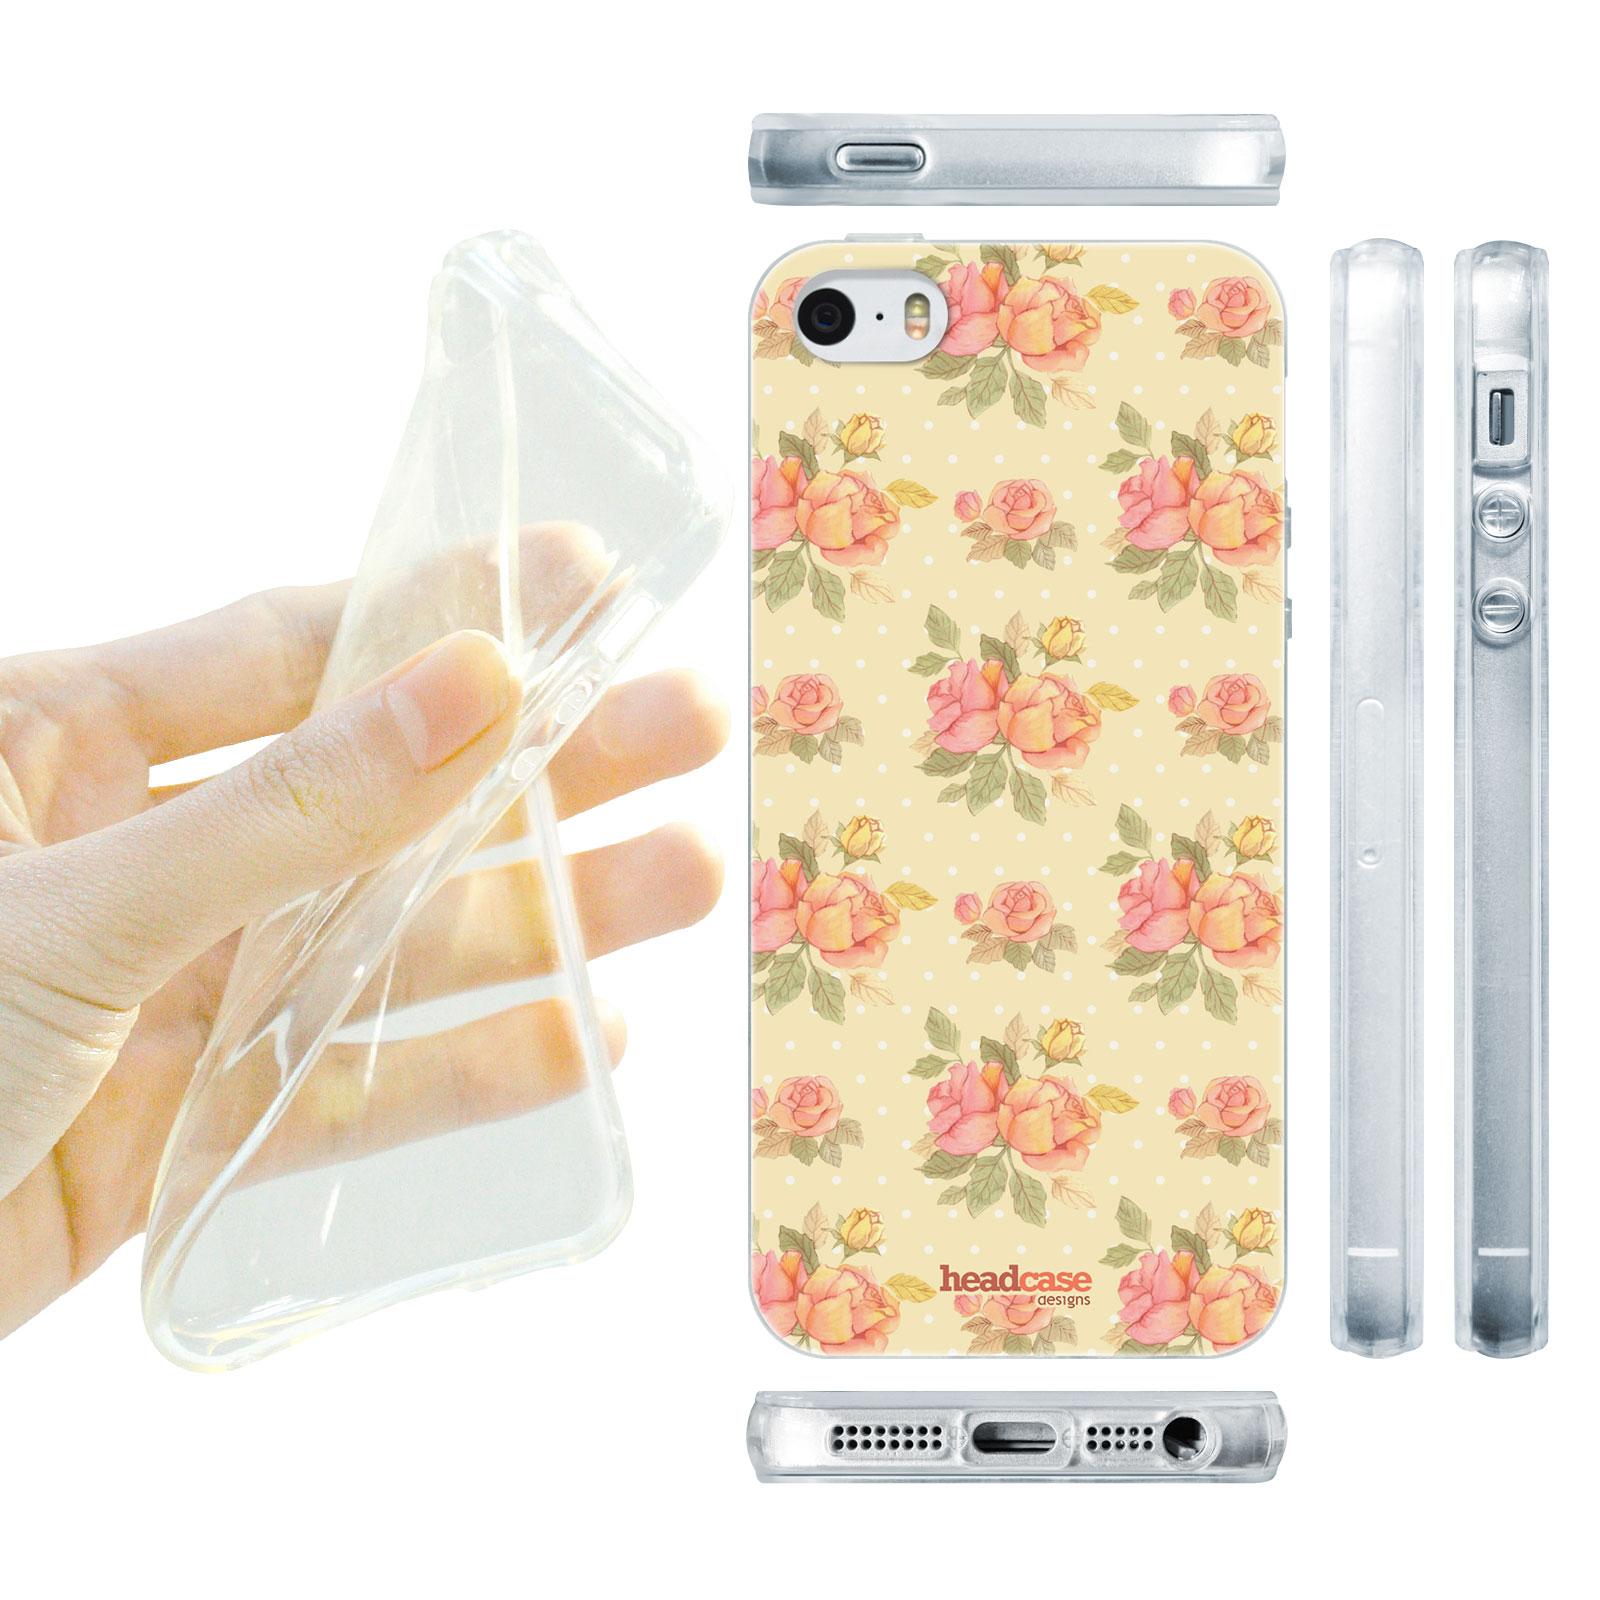 HEAD CASE silikonový obal na mobil Iphone 5/5S květinový motiv anglické růže